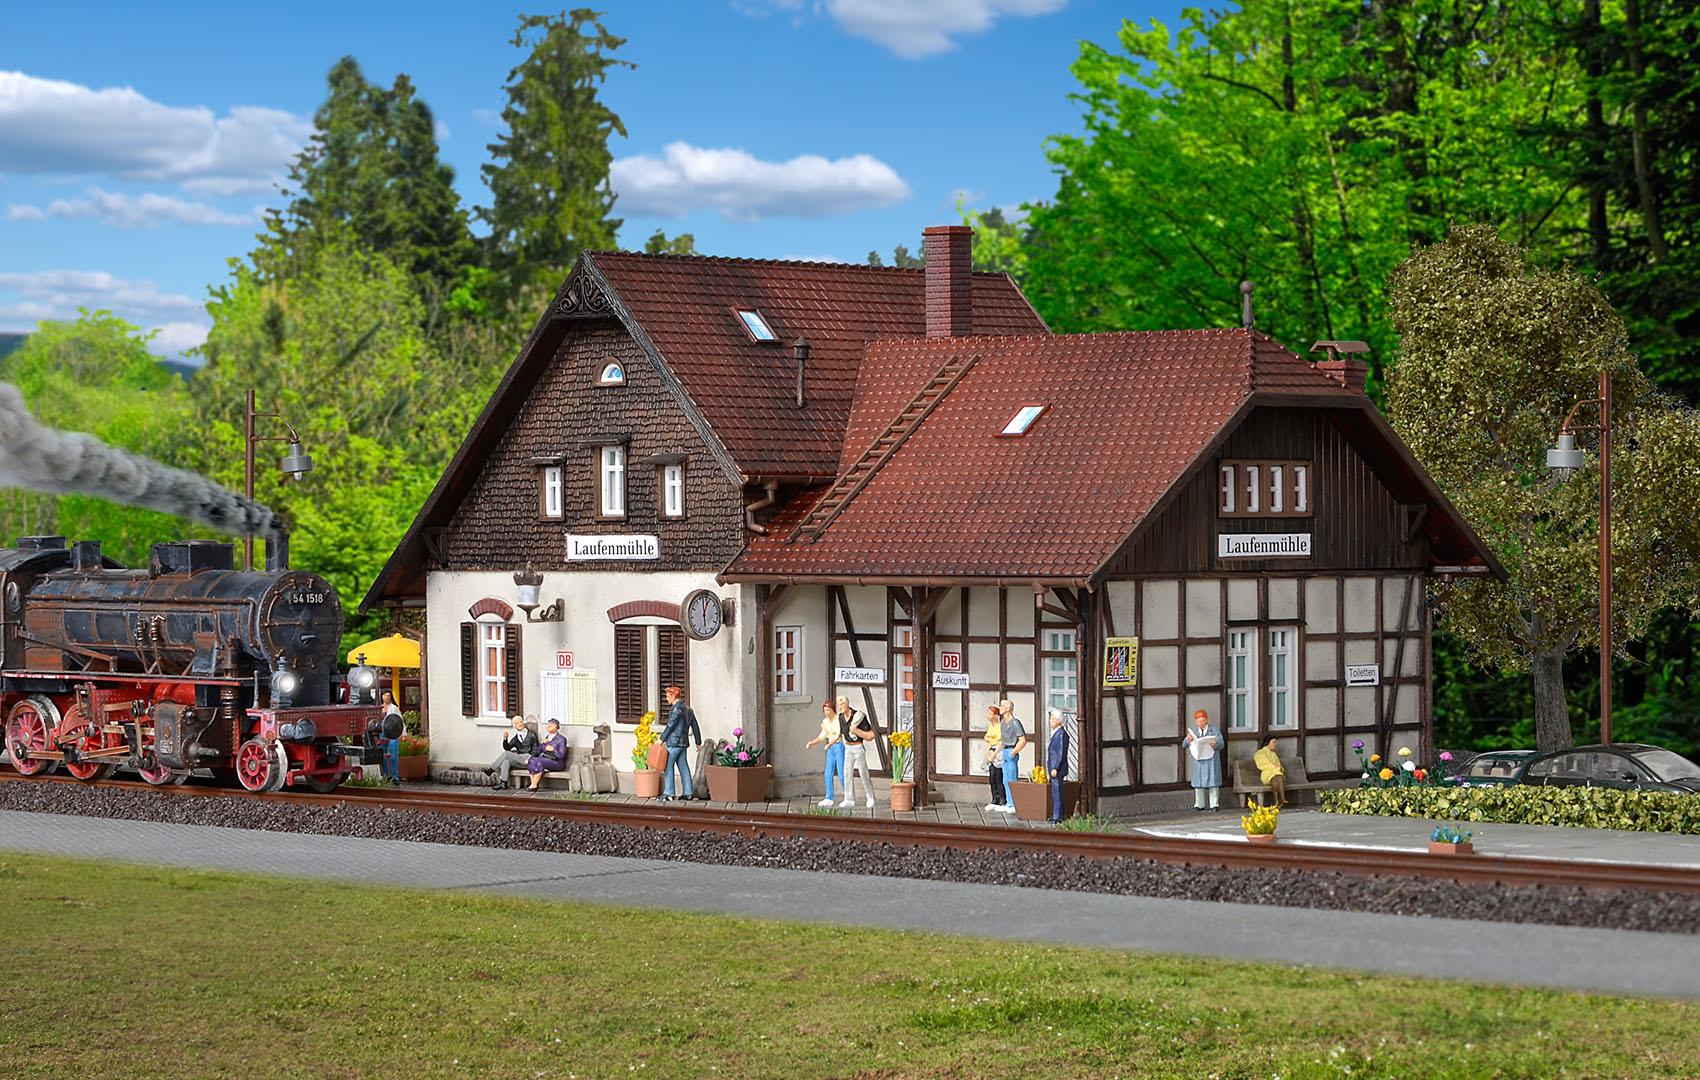 Vollmer 43518 H0 Bahnhof Laufenmühle